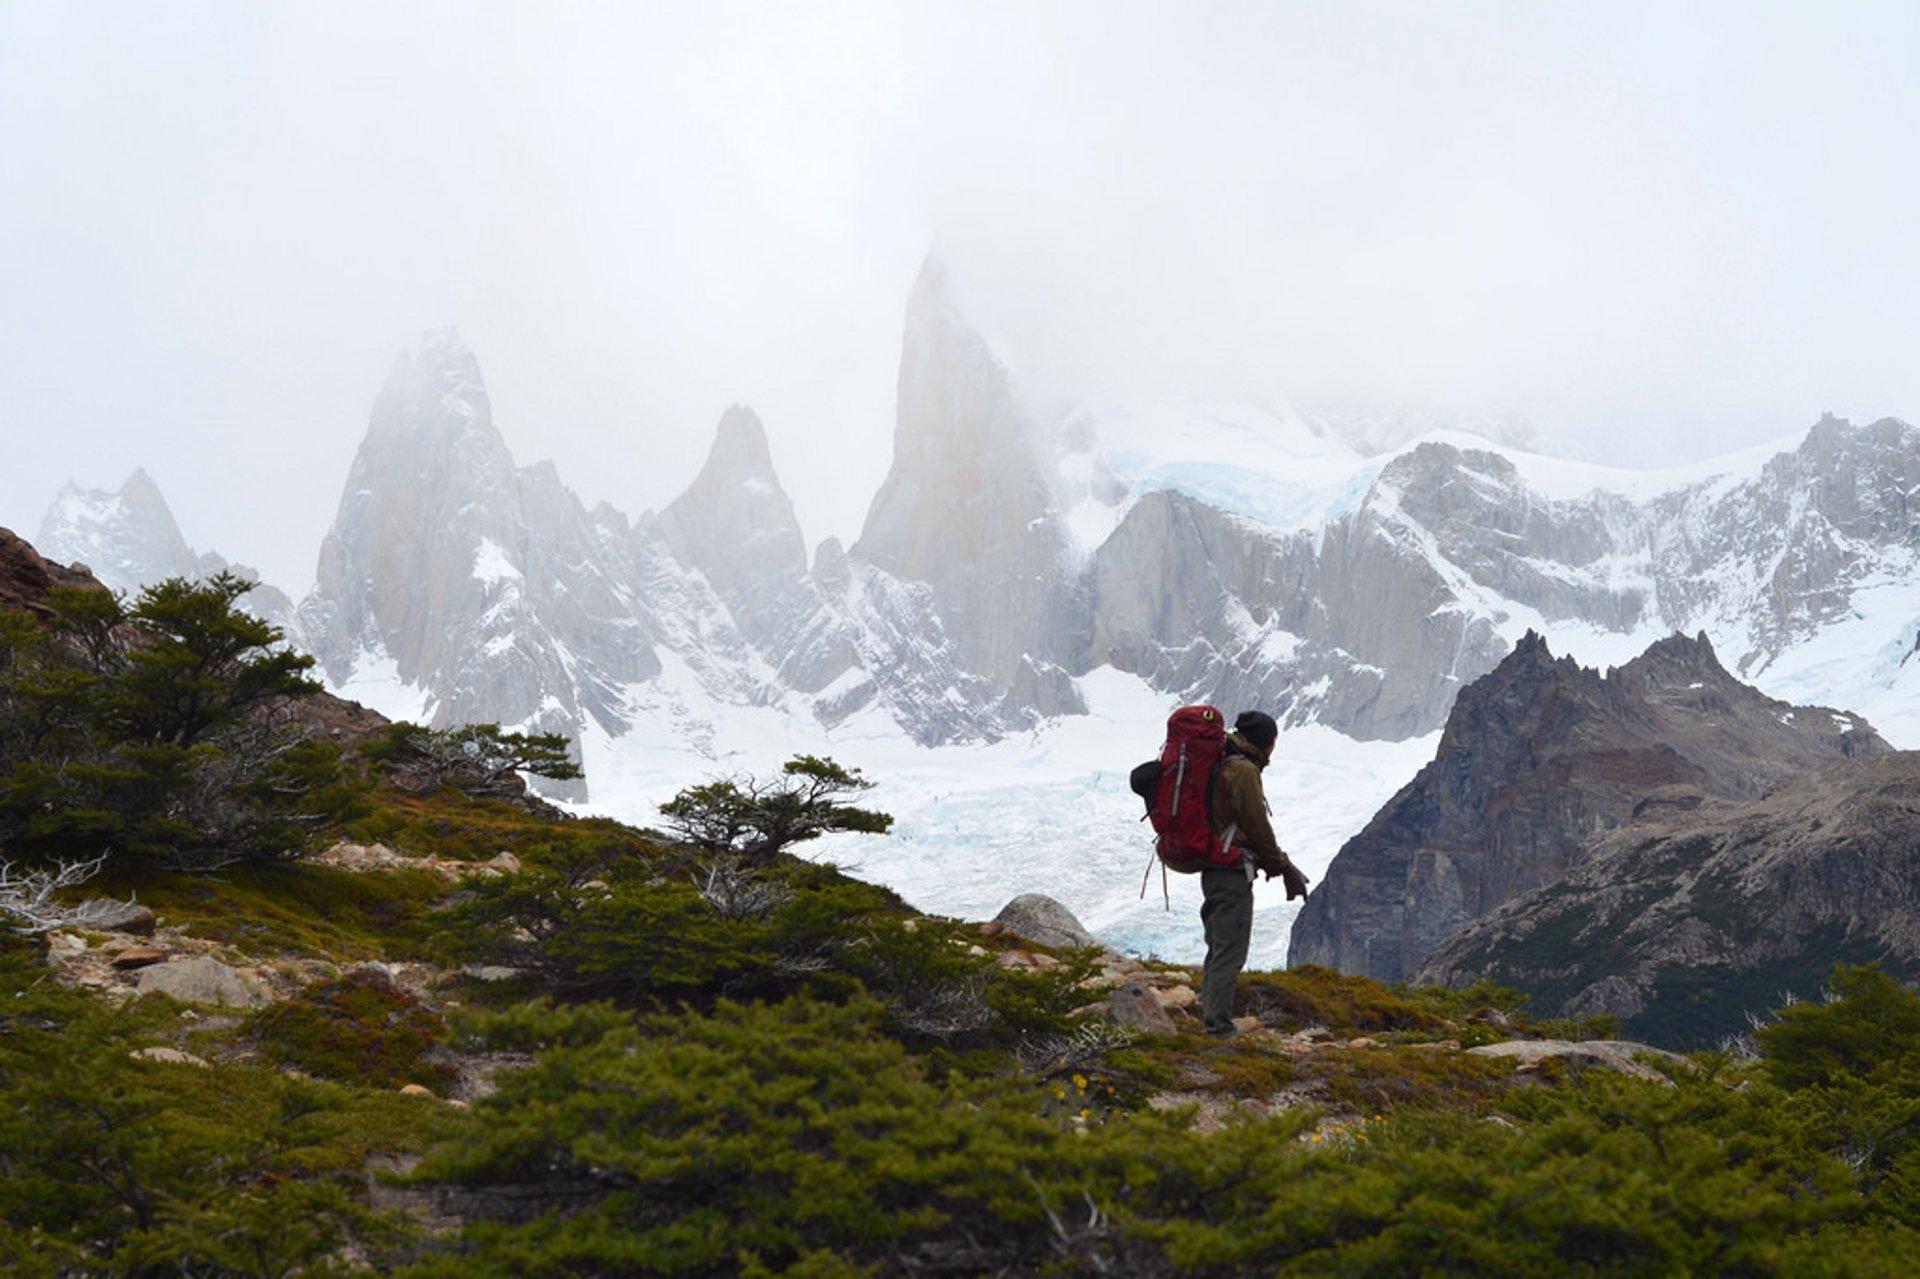 Parque Nacional Los Glaciares 2019